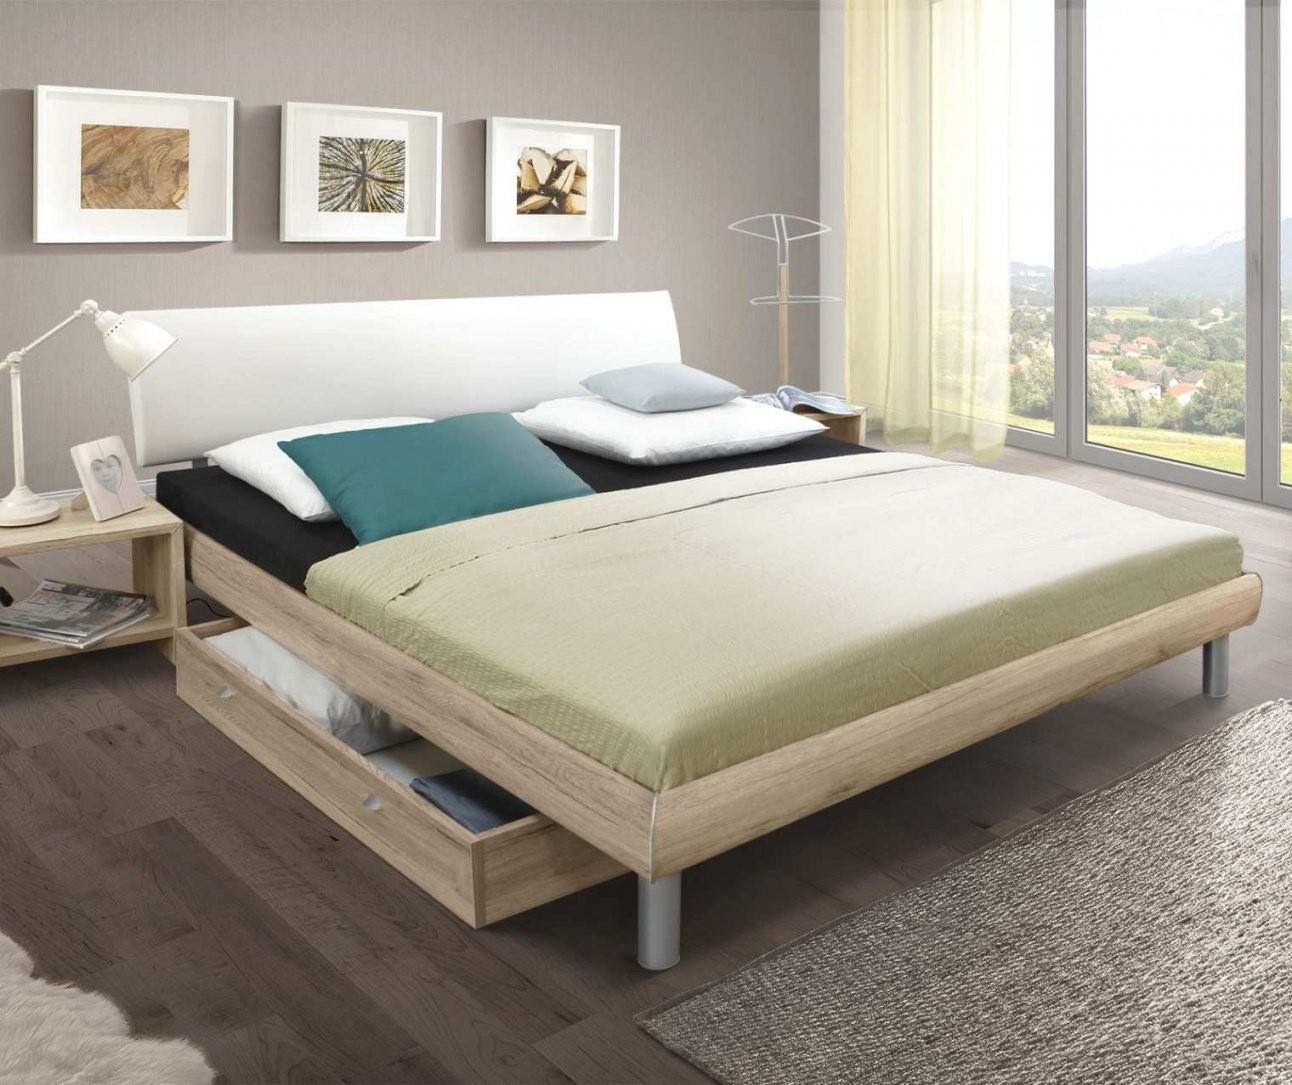 Layout Bett 120×200 Mit Matratze Und Lattenrost – Fcci von Bett 120X200 Mit Matratze Und Lattenrost Photo